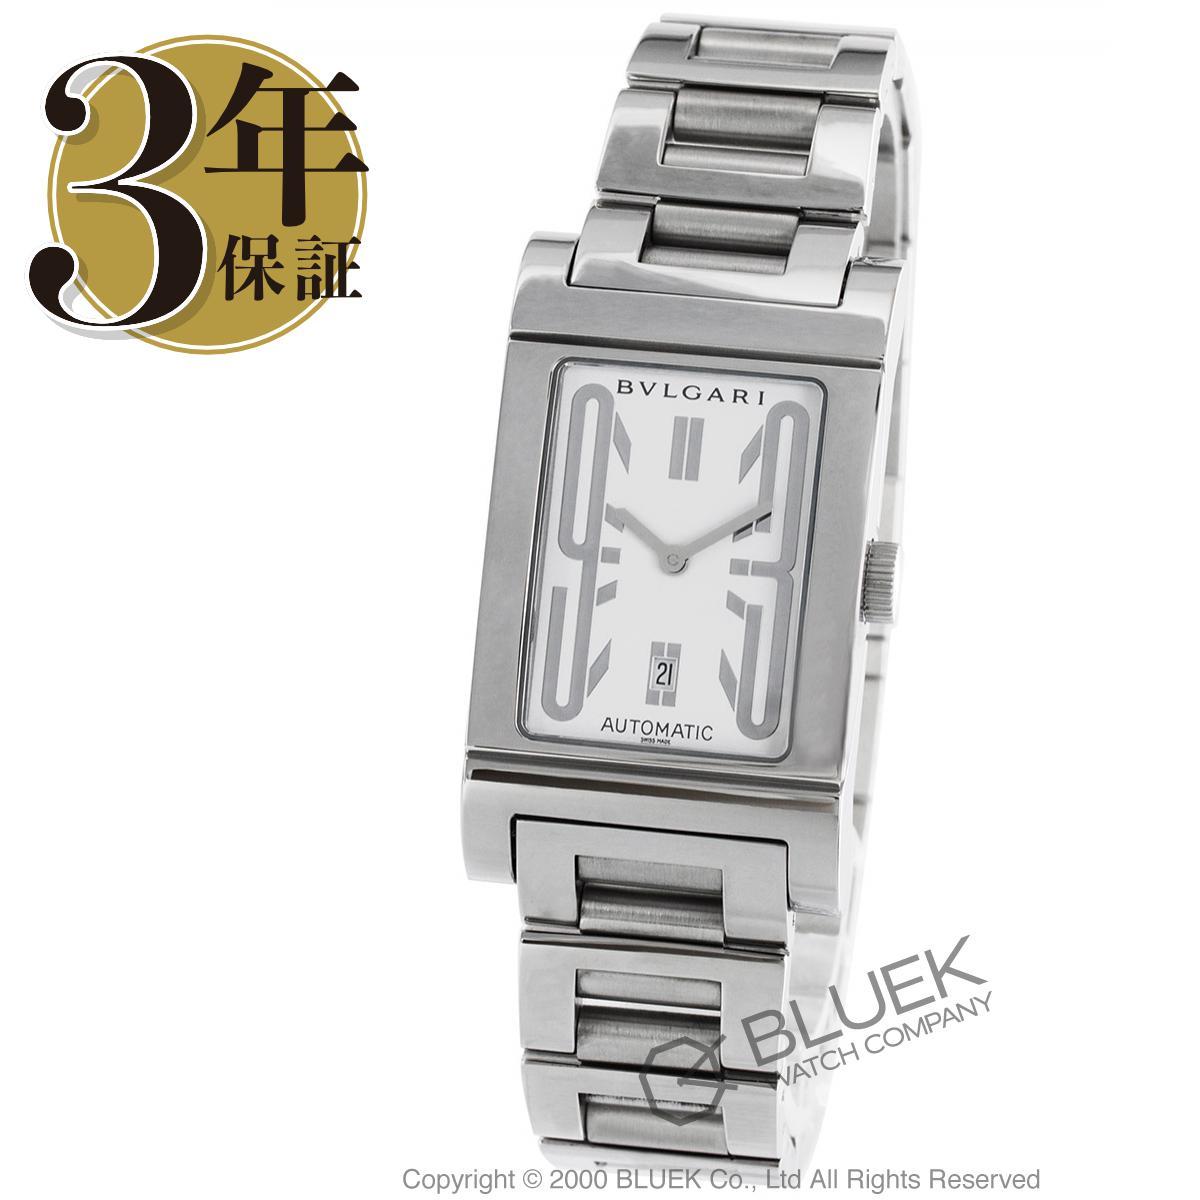 ブルガリ レッタンゴロ 腕時計 メンズ BVLGARI RT45SSD_8